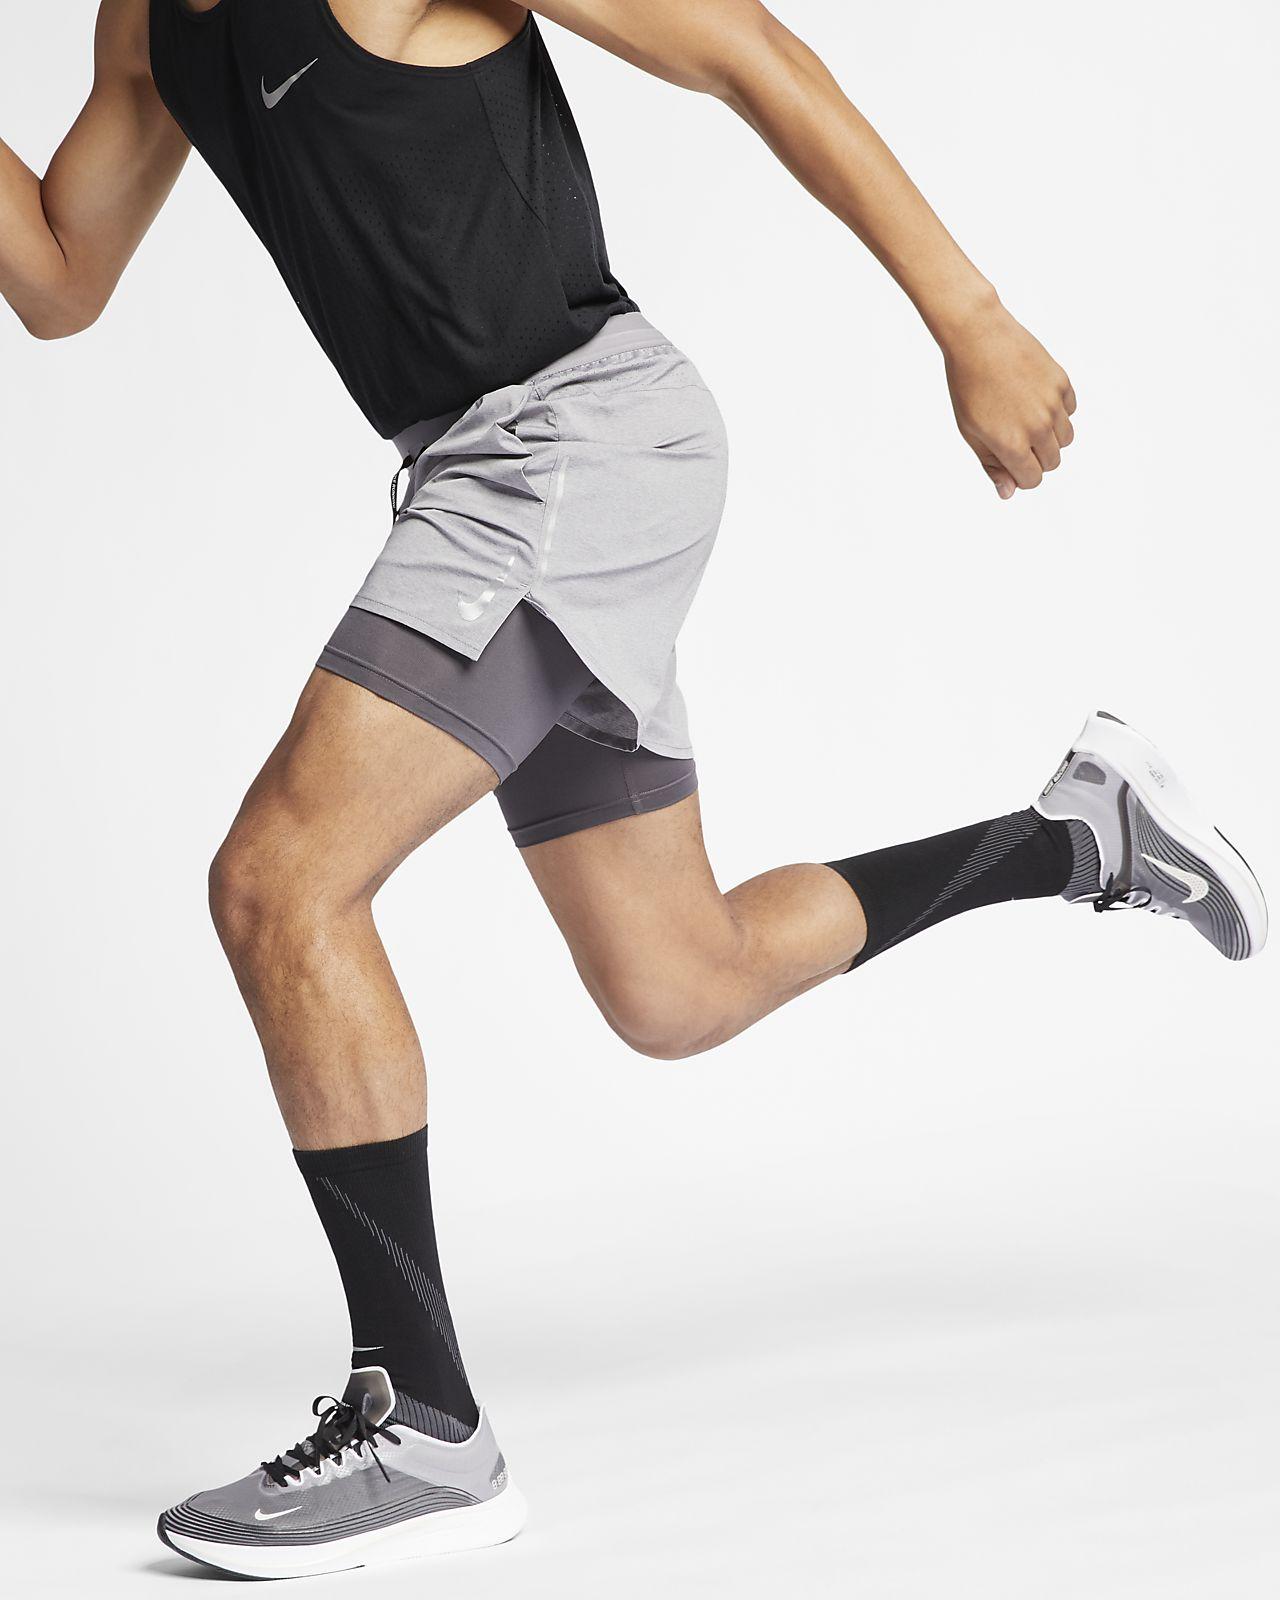 Pánské běžecké kraťasy Nike Flex Stride 2 v 1, délka 13 cm